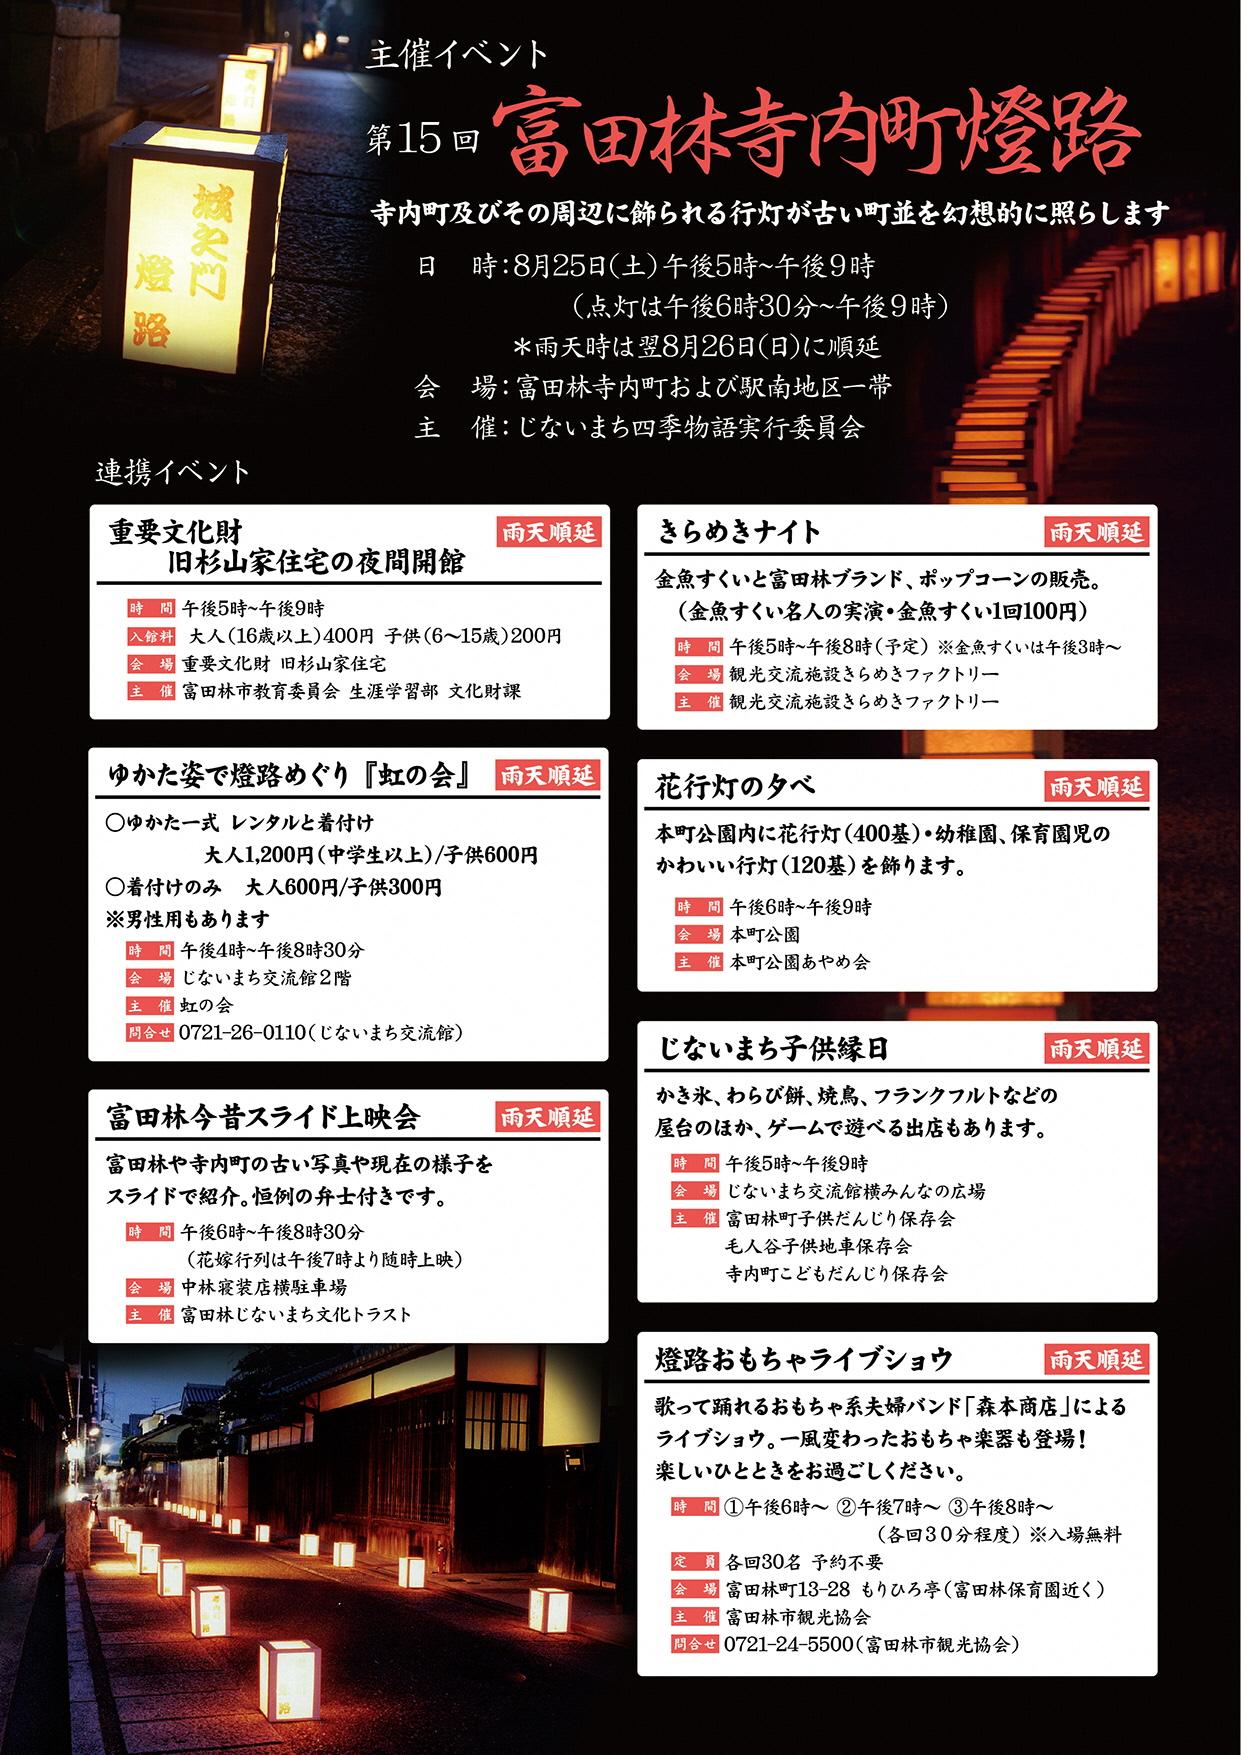 2018寺内町燈路ol-02